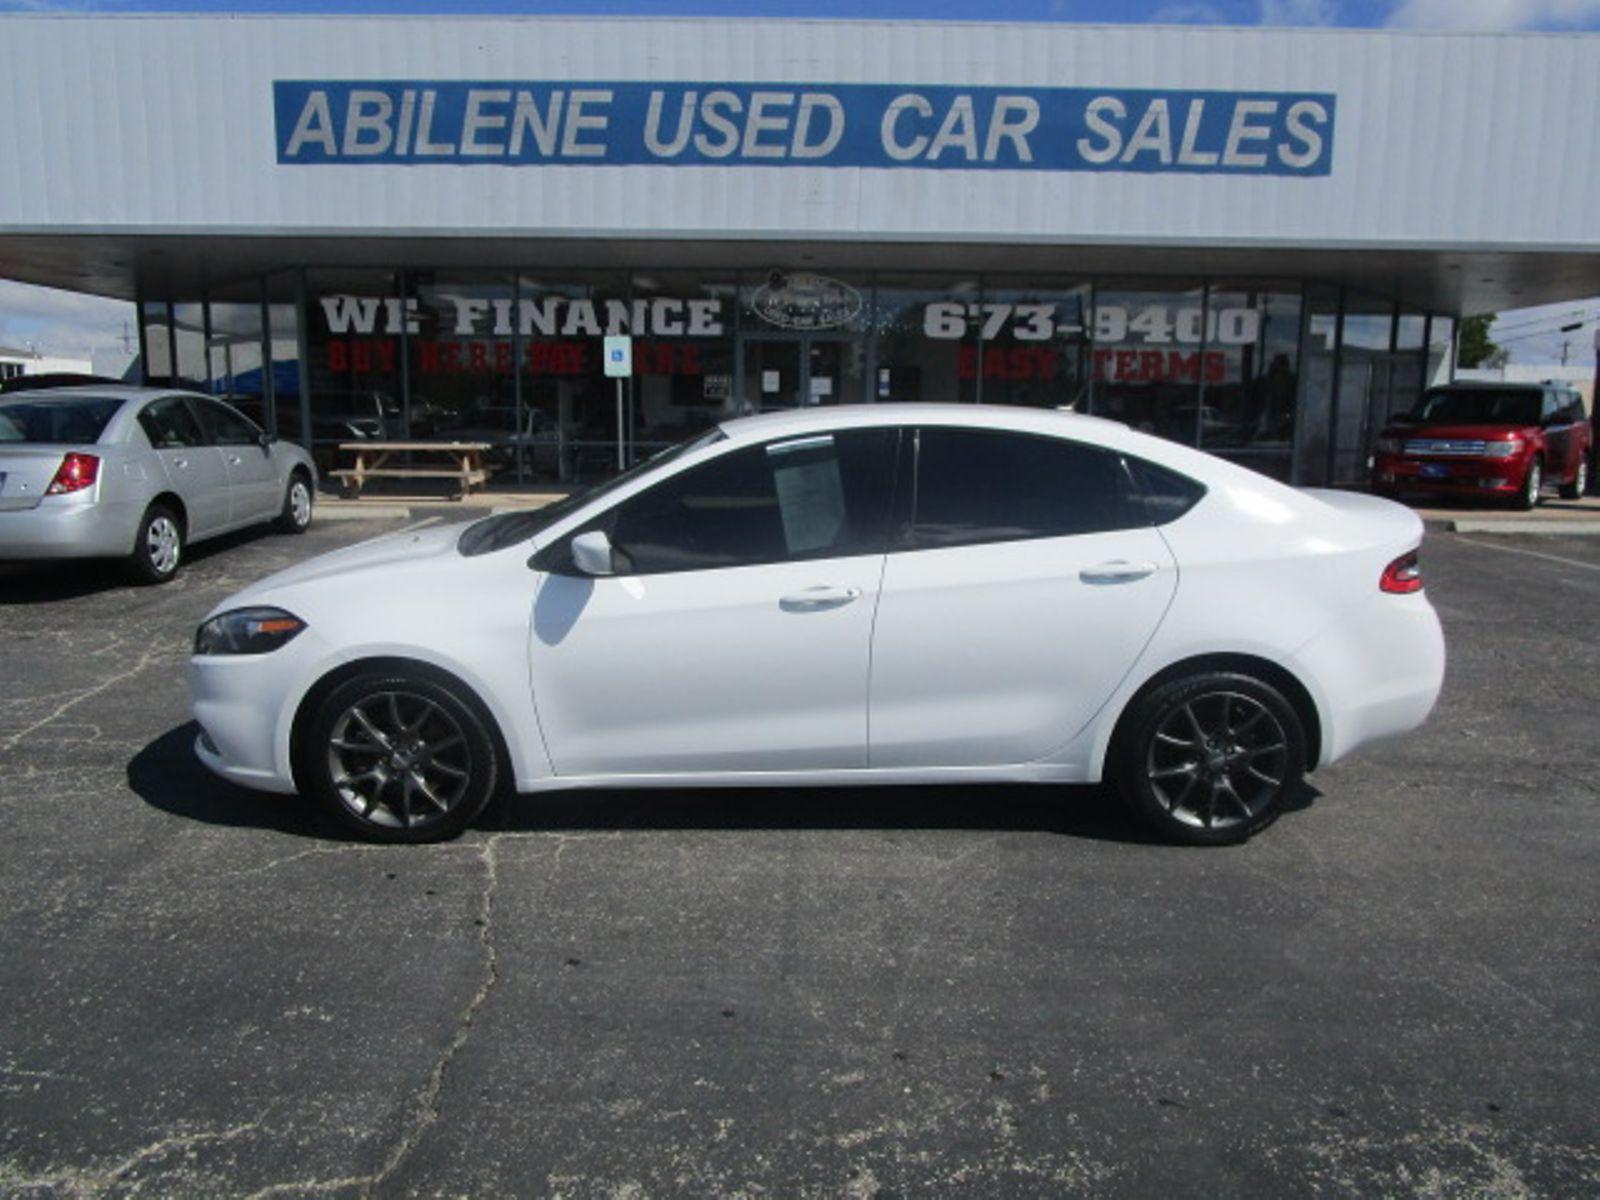 abilene used car sales abilene tx  2013 Dodge Dart SXT Abilene TX Abilene Used Car Sales